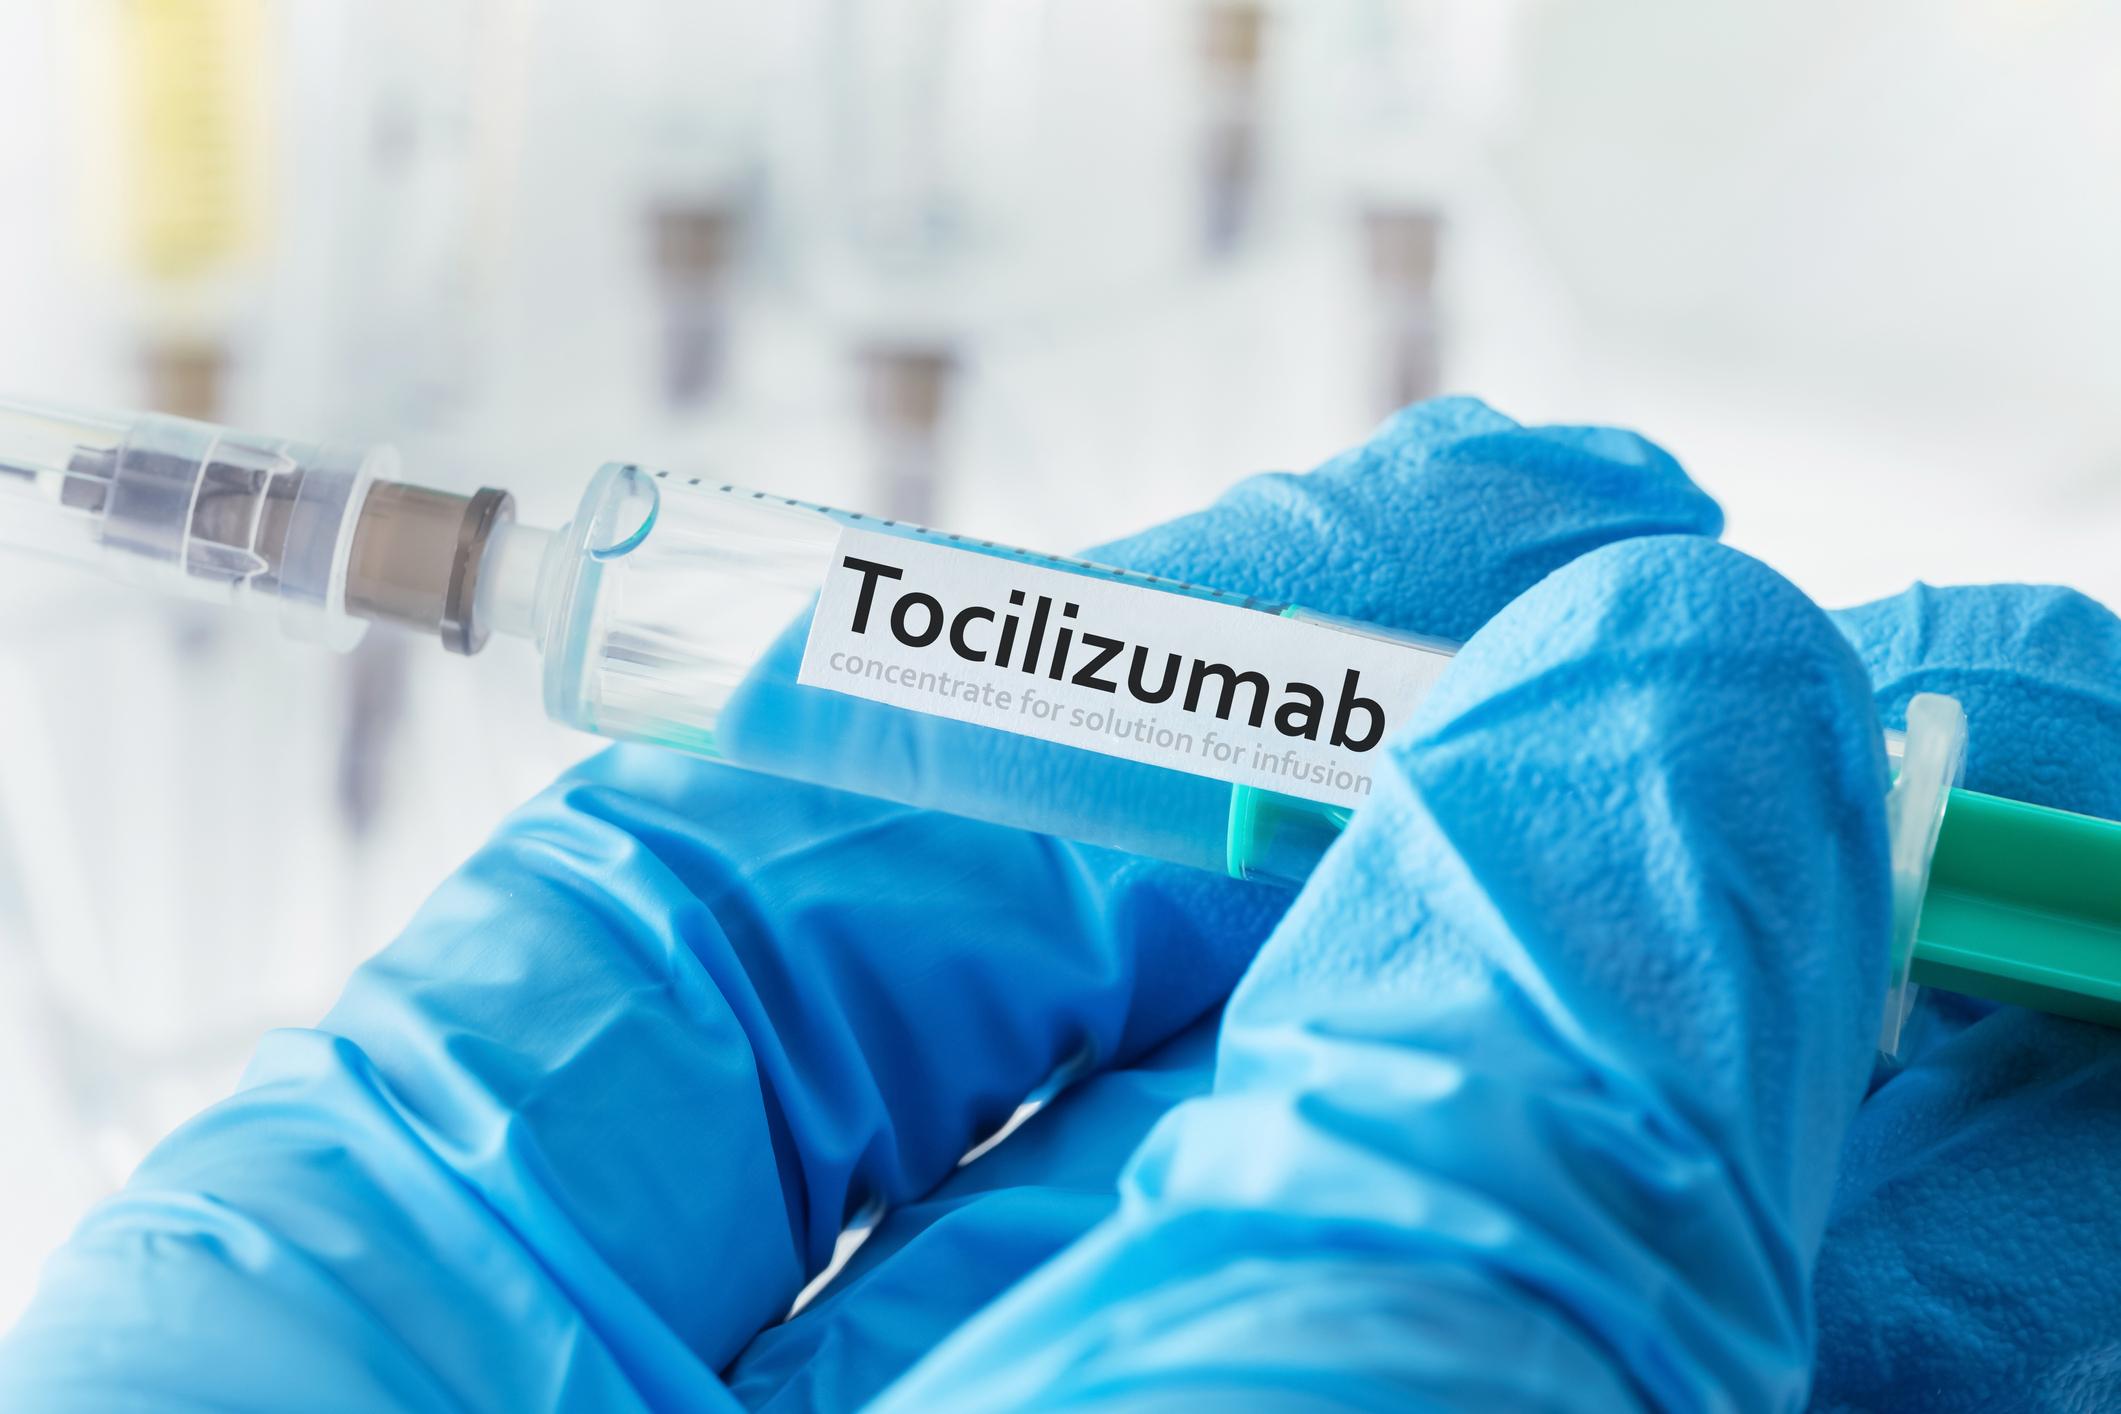 Covid-19 : le tocilizumab limite le risque de recours à la réanimation des  patients atteints de pneumonie modérée à sévère